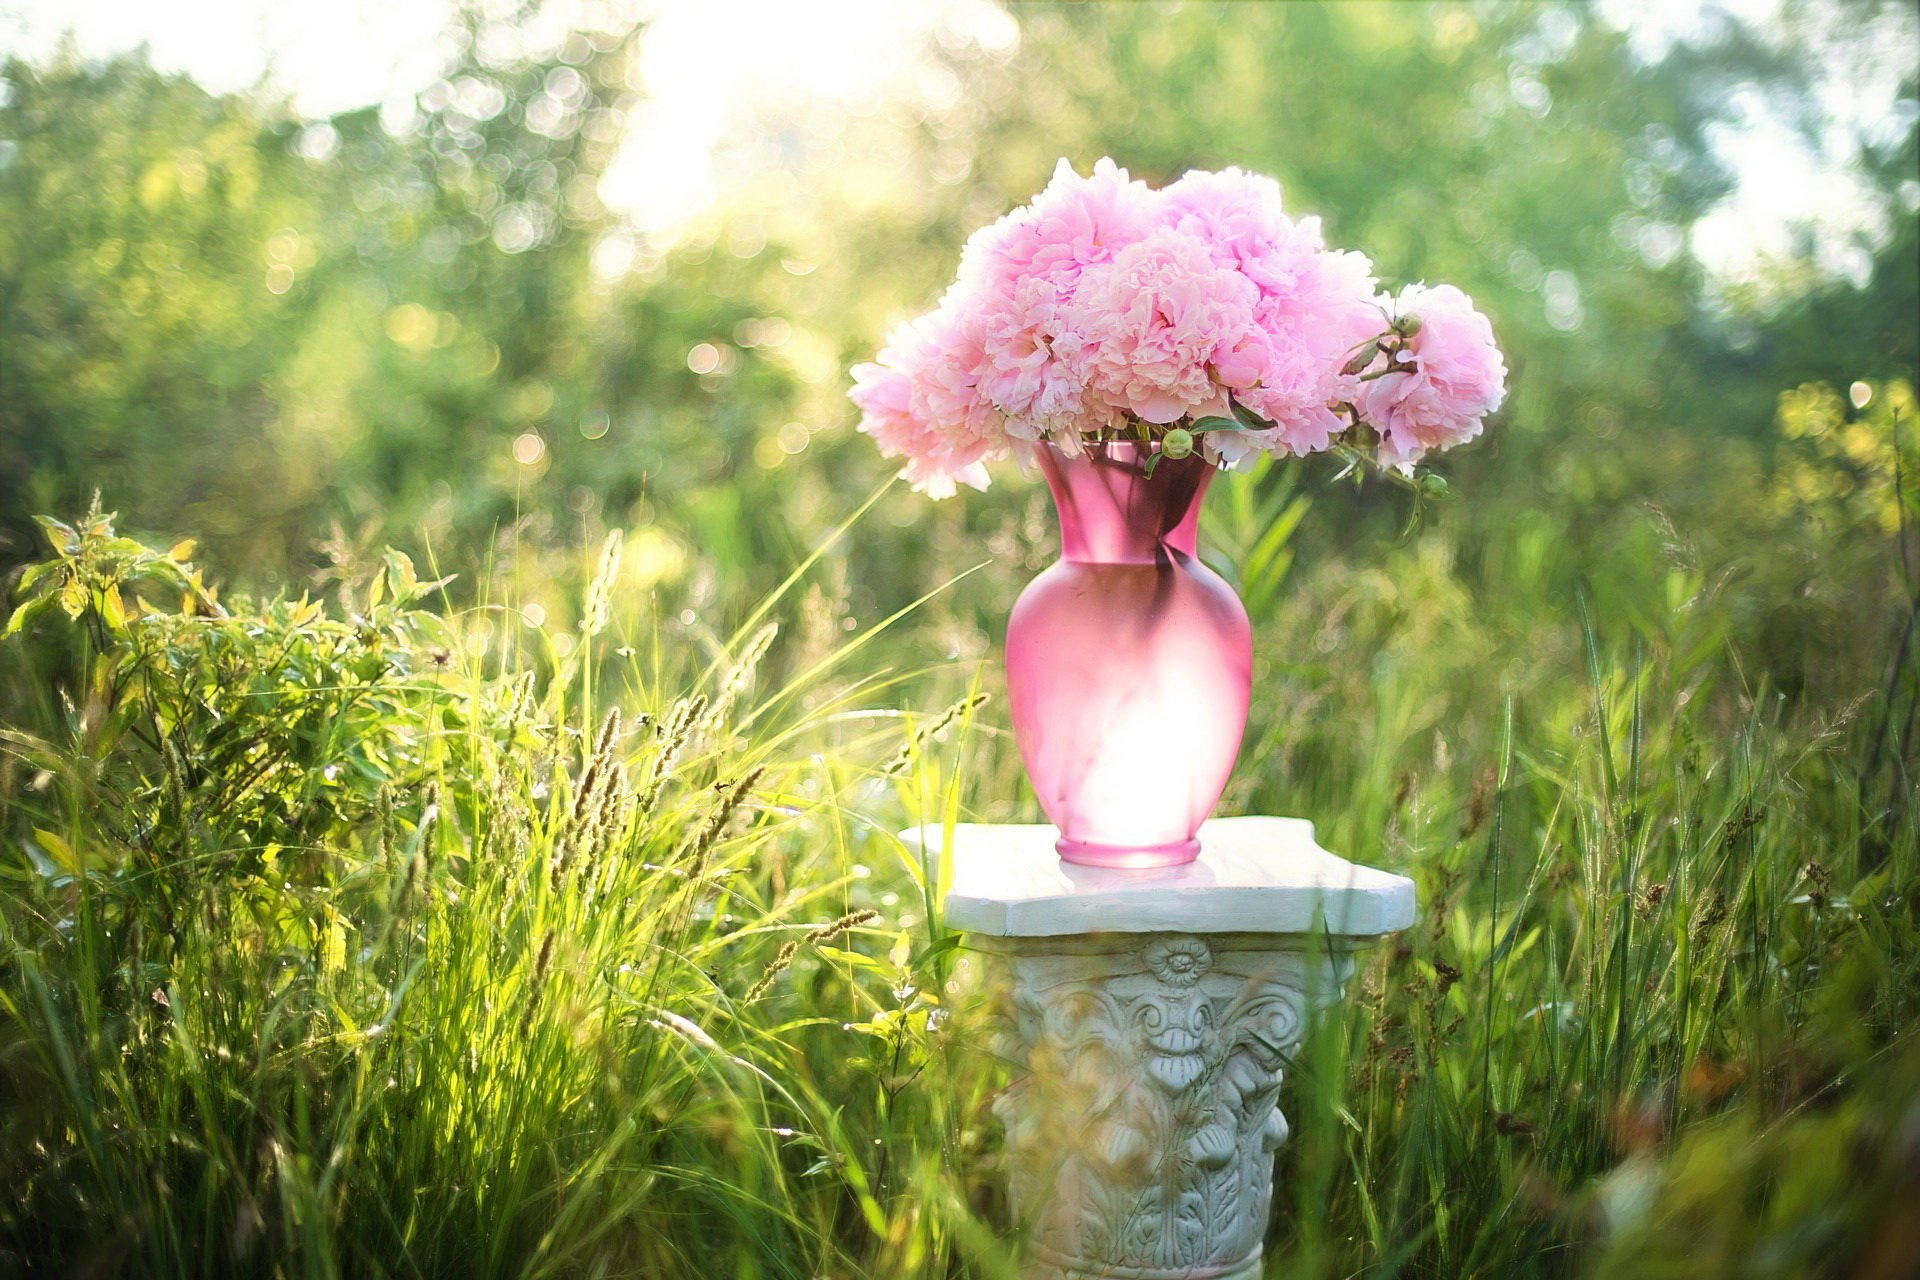 Mam dla Ciebie bukiet życzeń, życzenia na Dzień Matki